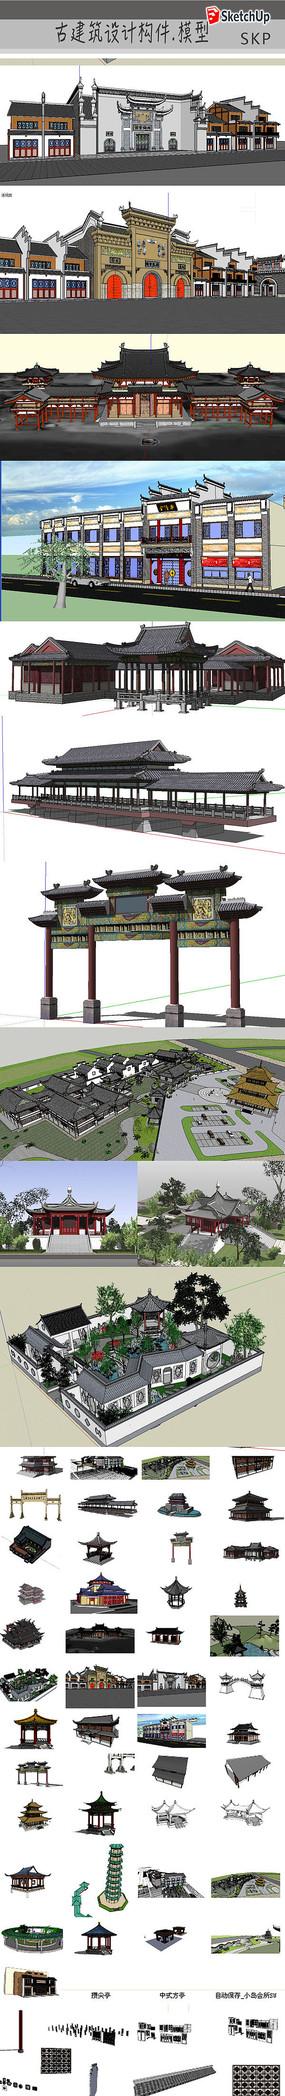 古建筑构件模型